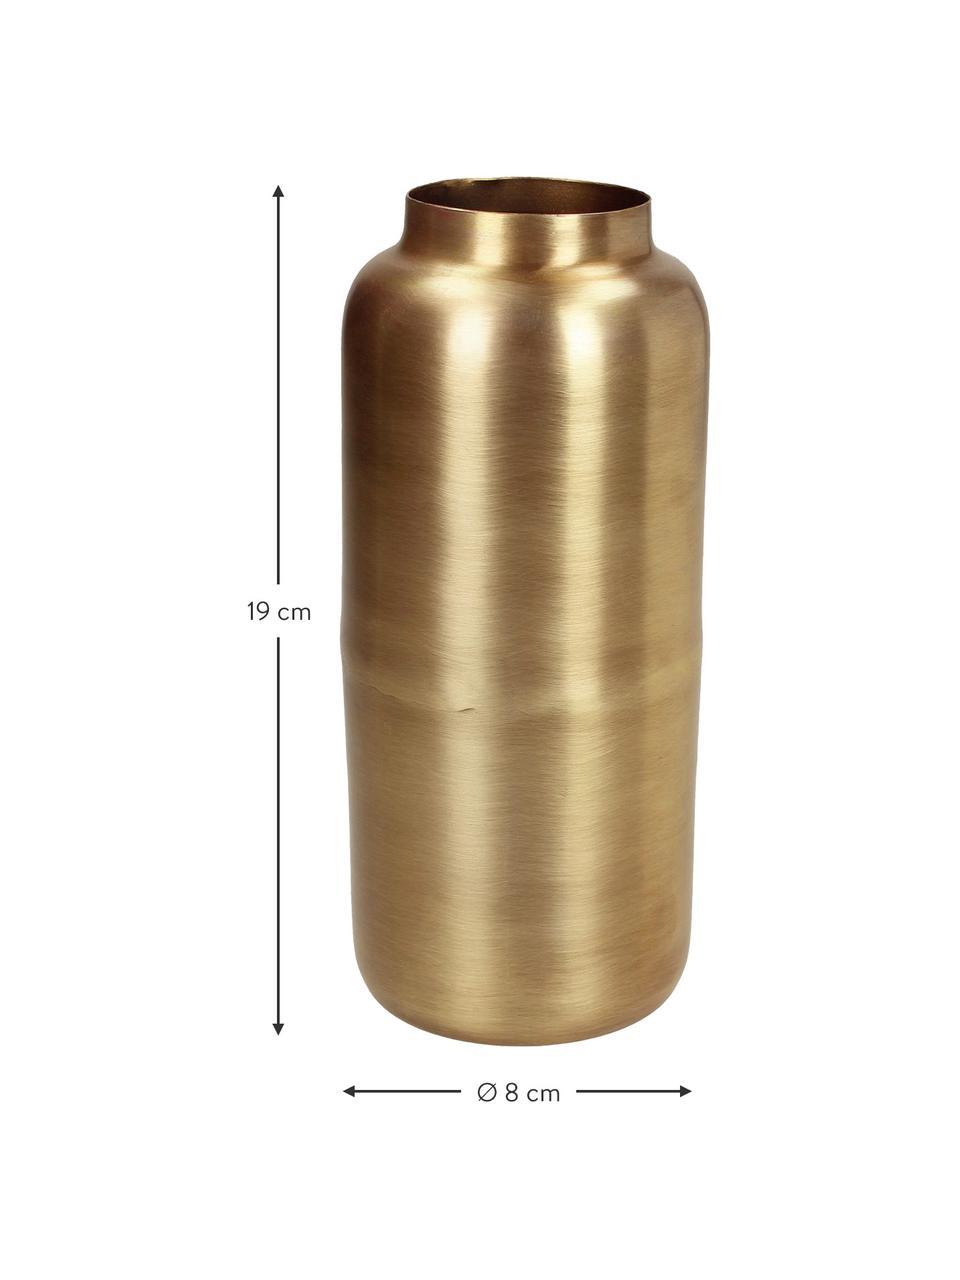 Decoratieve vaas Simply van metaal, Gecoat metaal en niet waterdicht, Messingkleurig, Ø 8 x H 19 cm